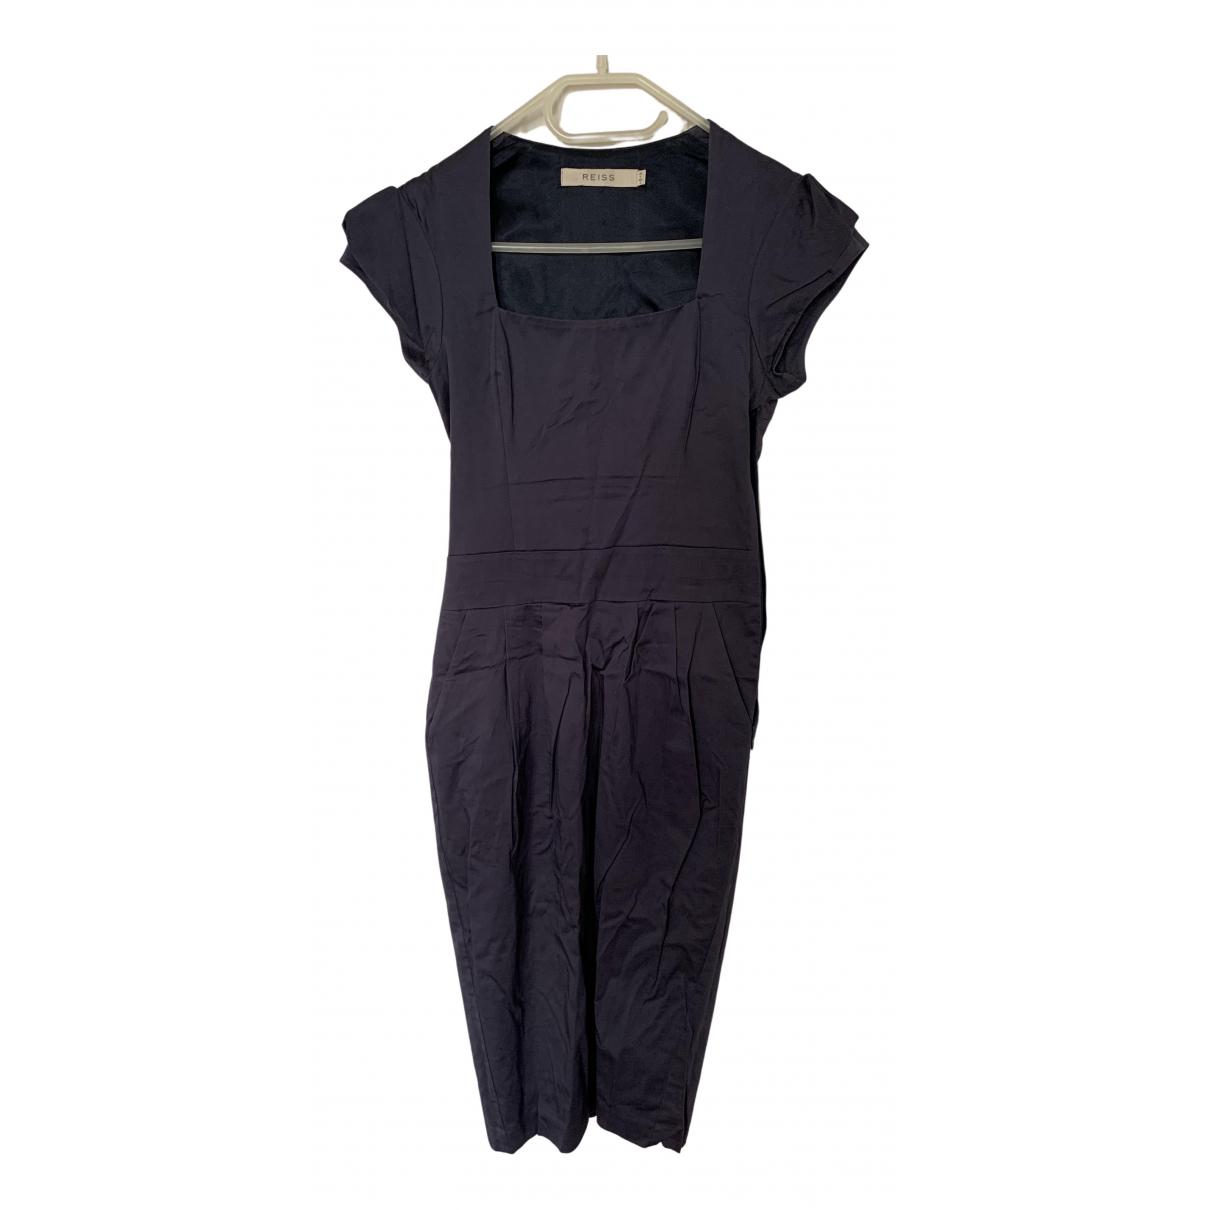 Reiss - Robe   pour femme en coton - violet